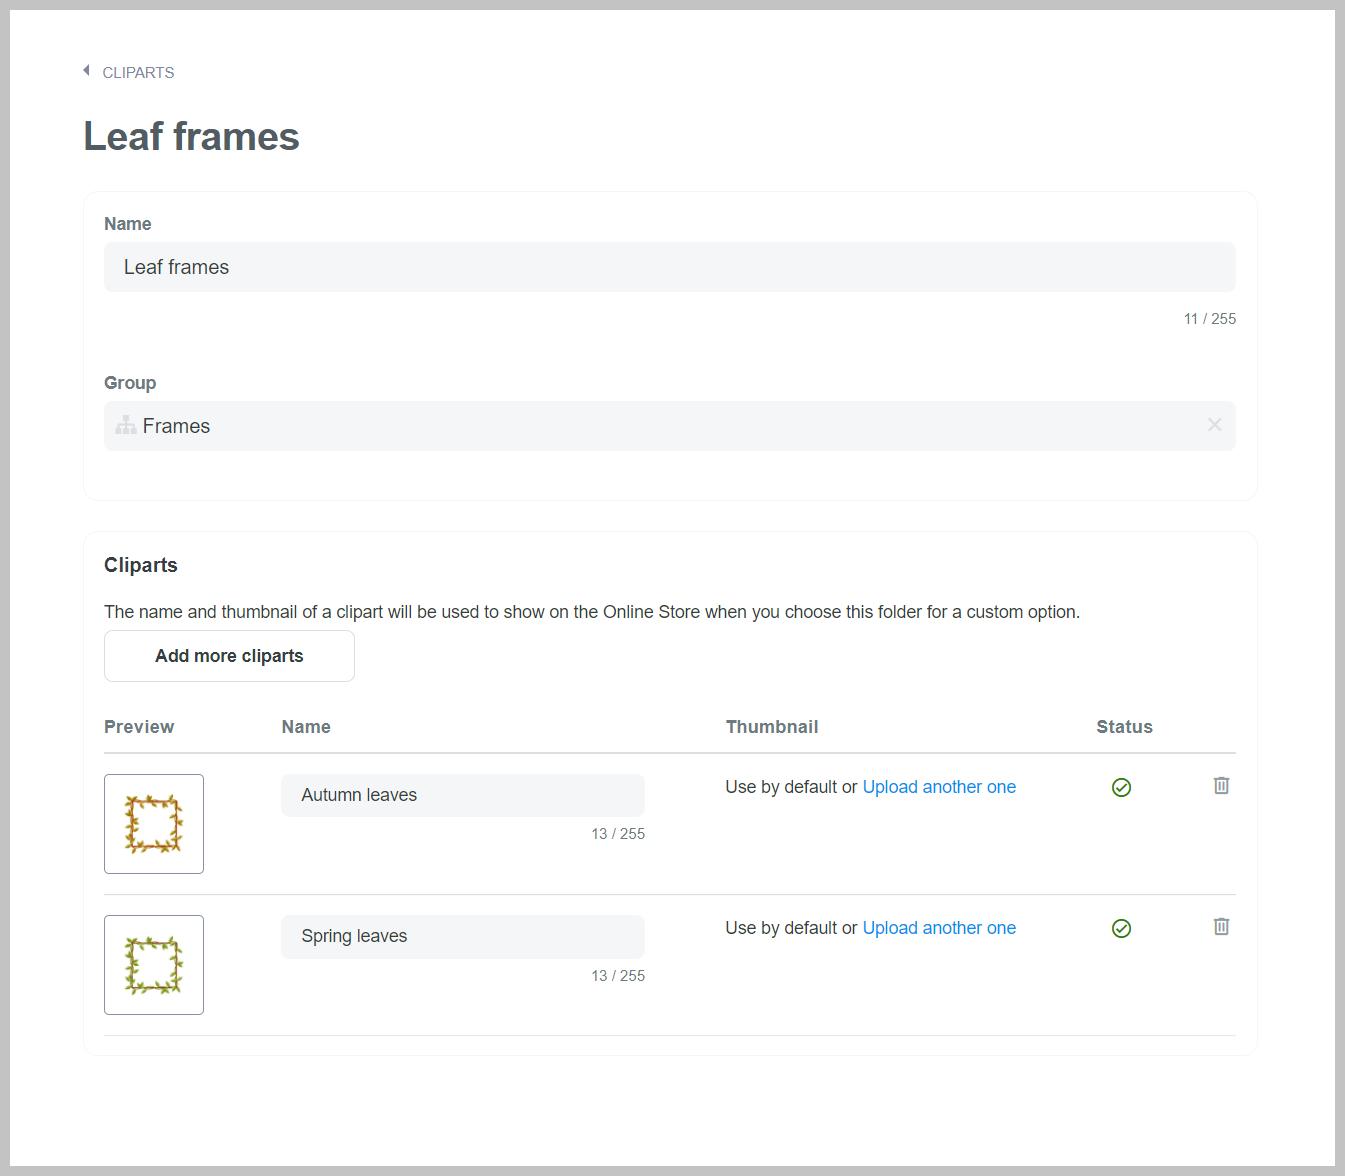 Settings for Leaf frames clipart folder